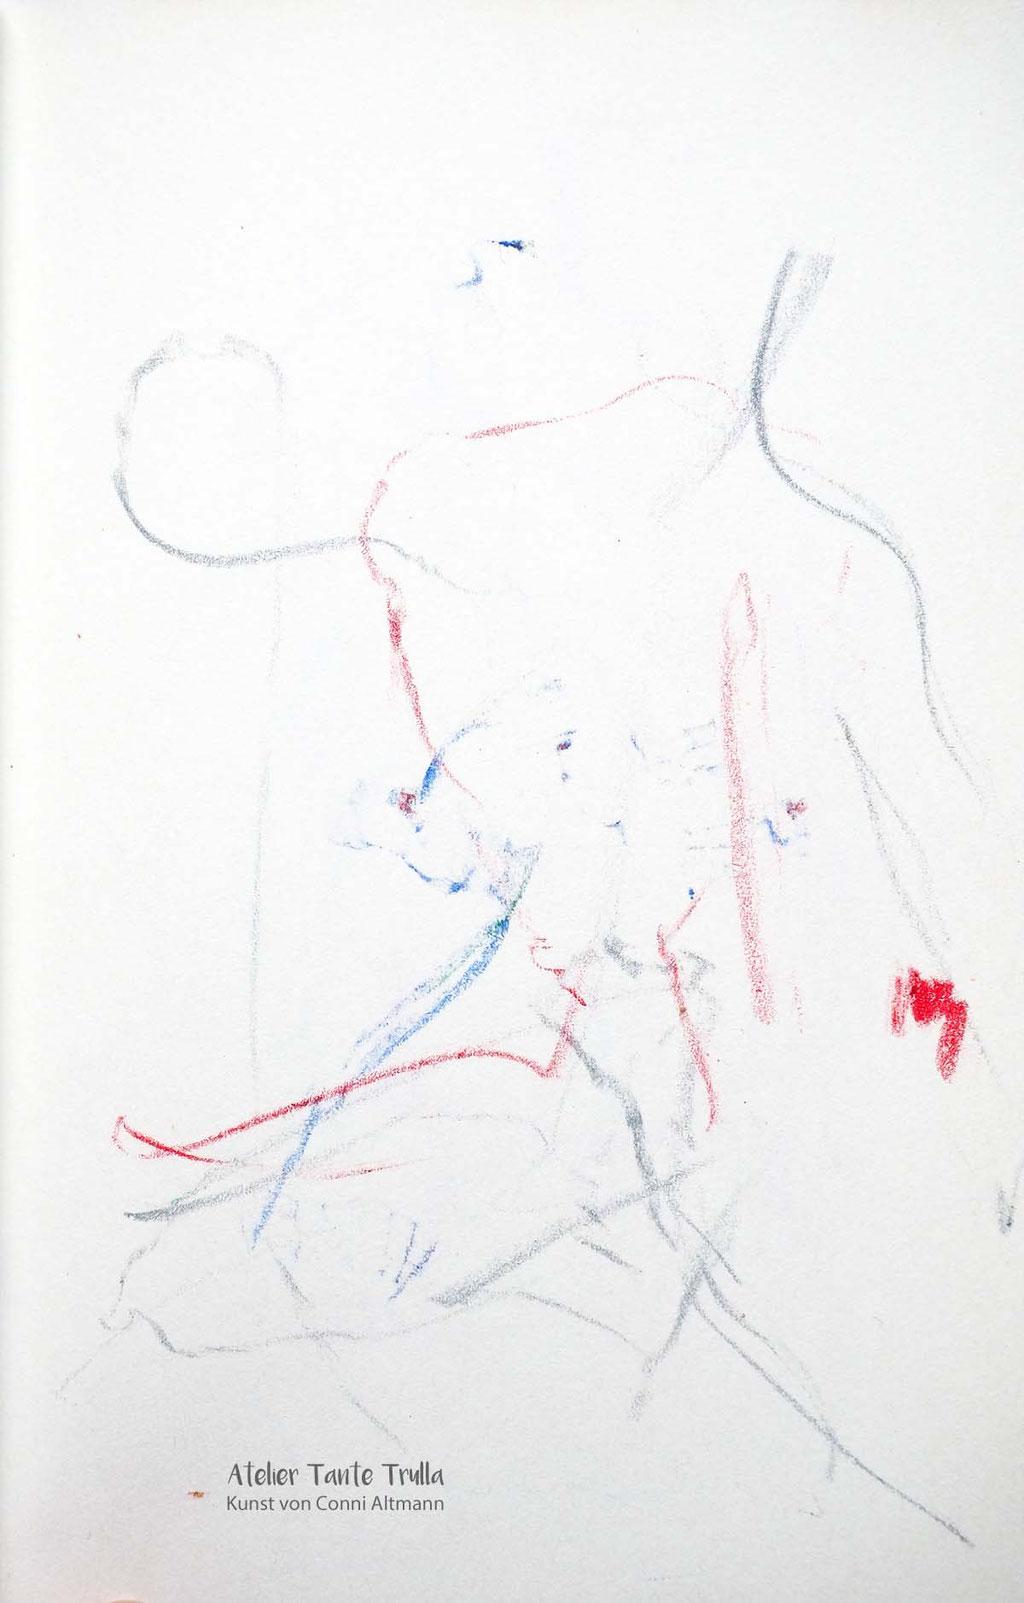 abstrakte Aktskizze, Aktzeichnung www.ateliertantetrulla.de